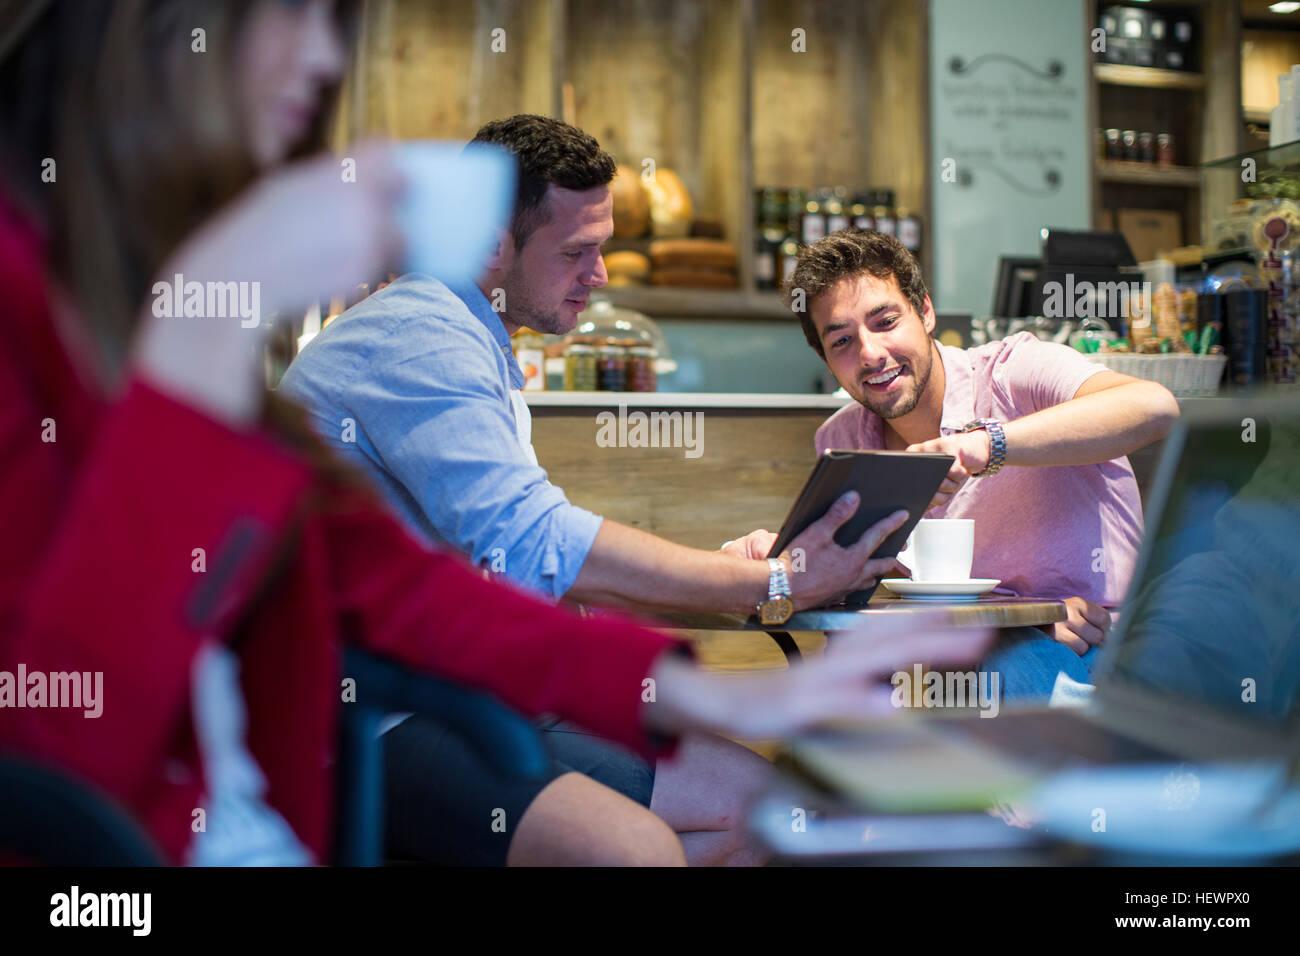 Amici di sesso maschile seduto in cafe puntando alla tavoletta digitale Immagini Stock